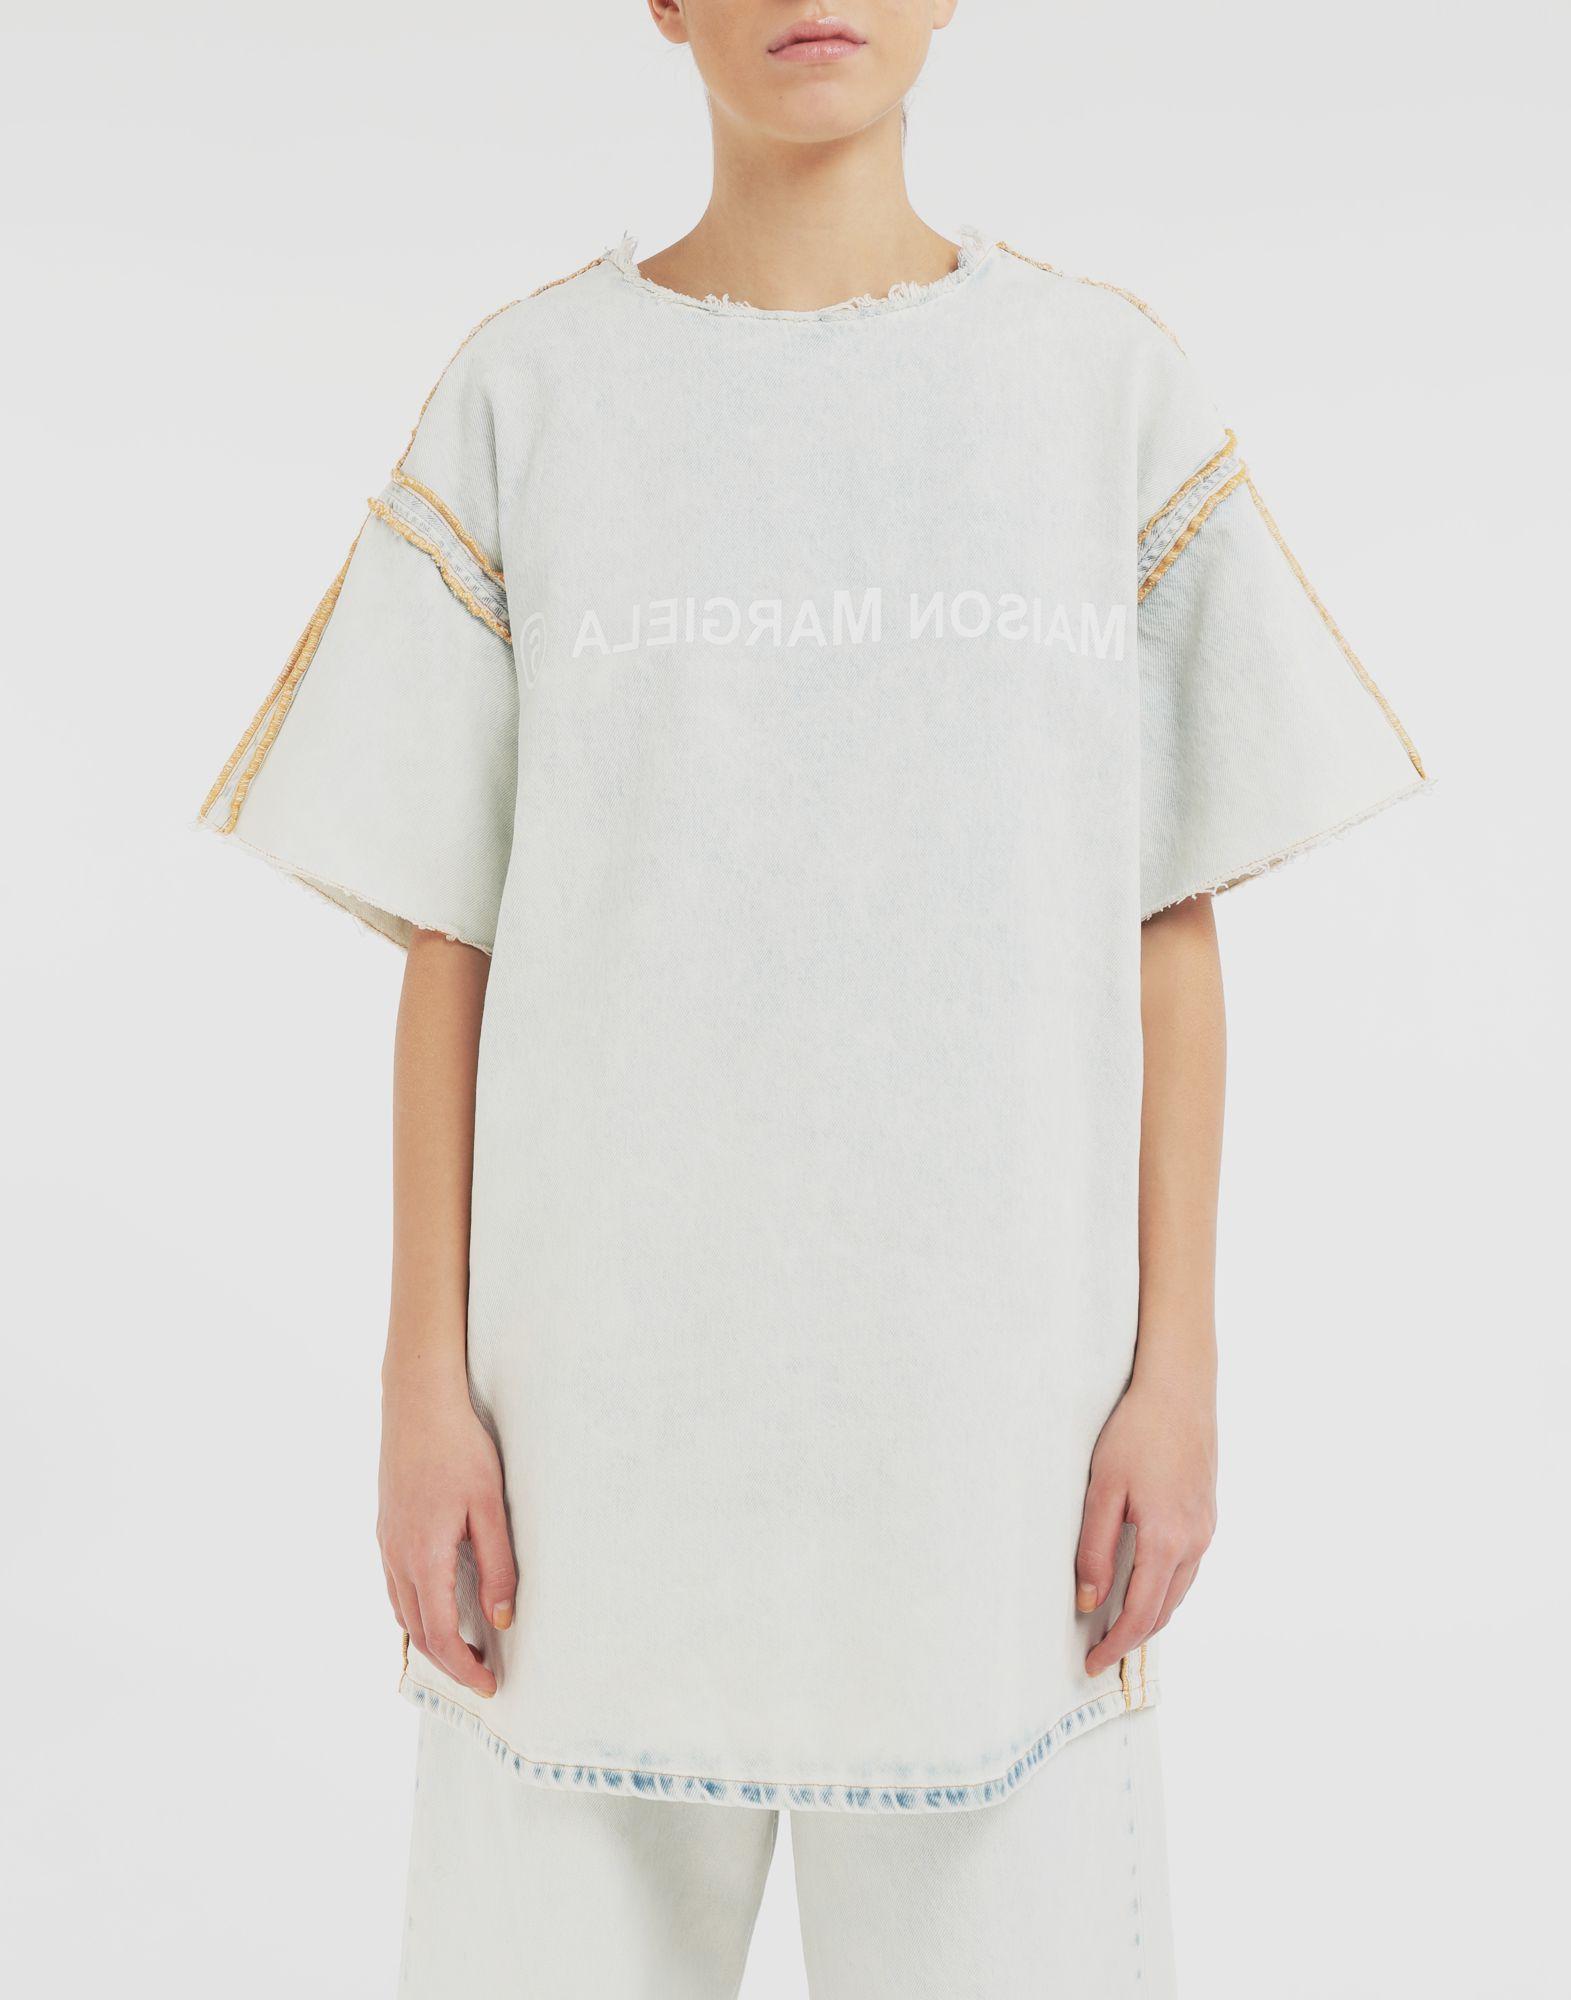 MM6 MAISON MARGIELA Abito T-shirt con logo Vestito Donna r